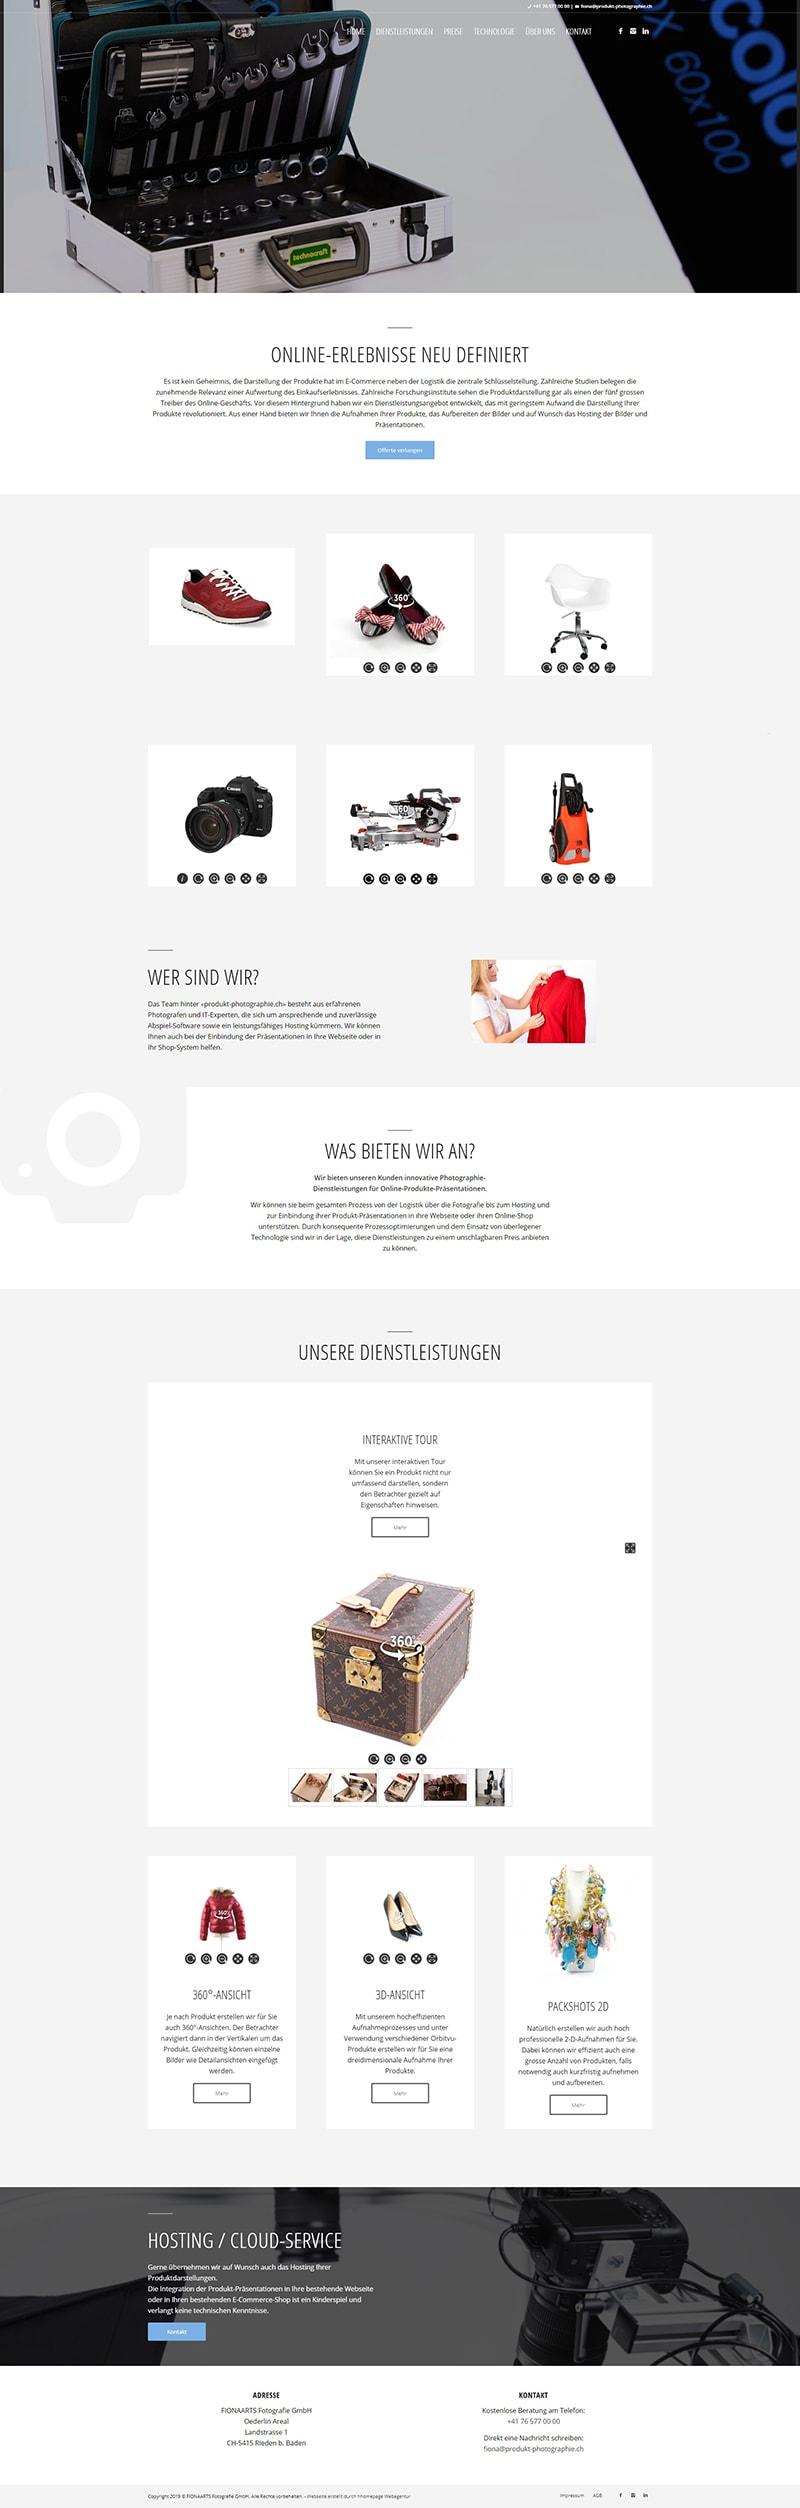 Webseite Referenz Produktphotographie